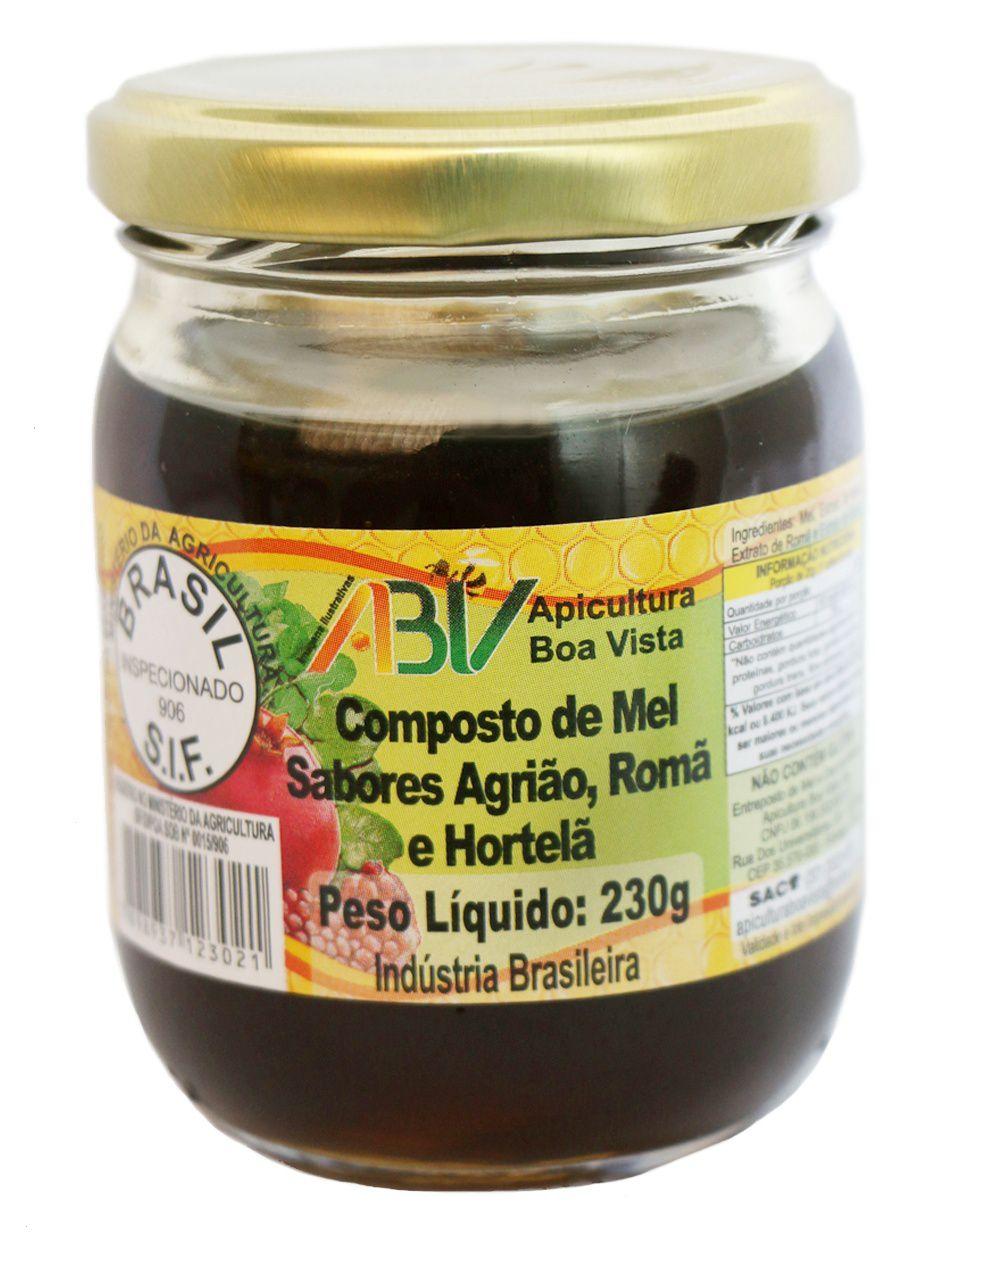 Composto de mel e extrato de própolis sabor agrião, romã e hortelã pote vidro 230g